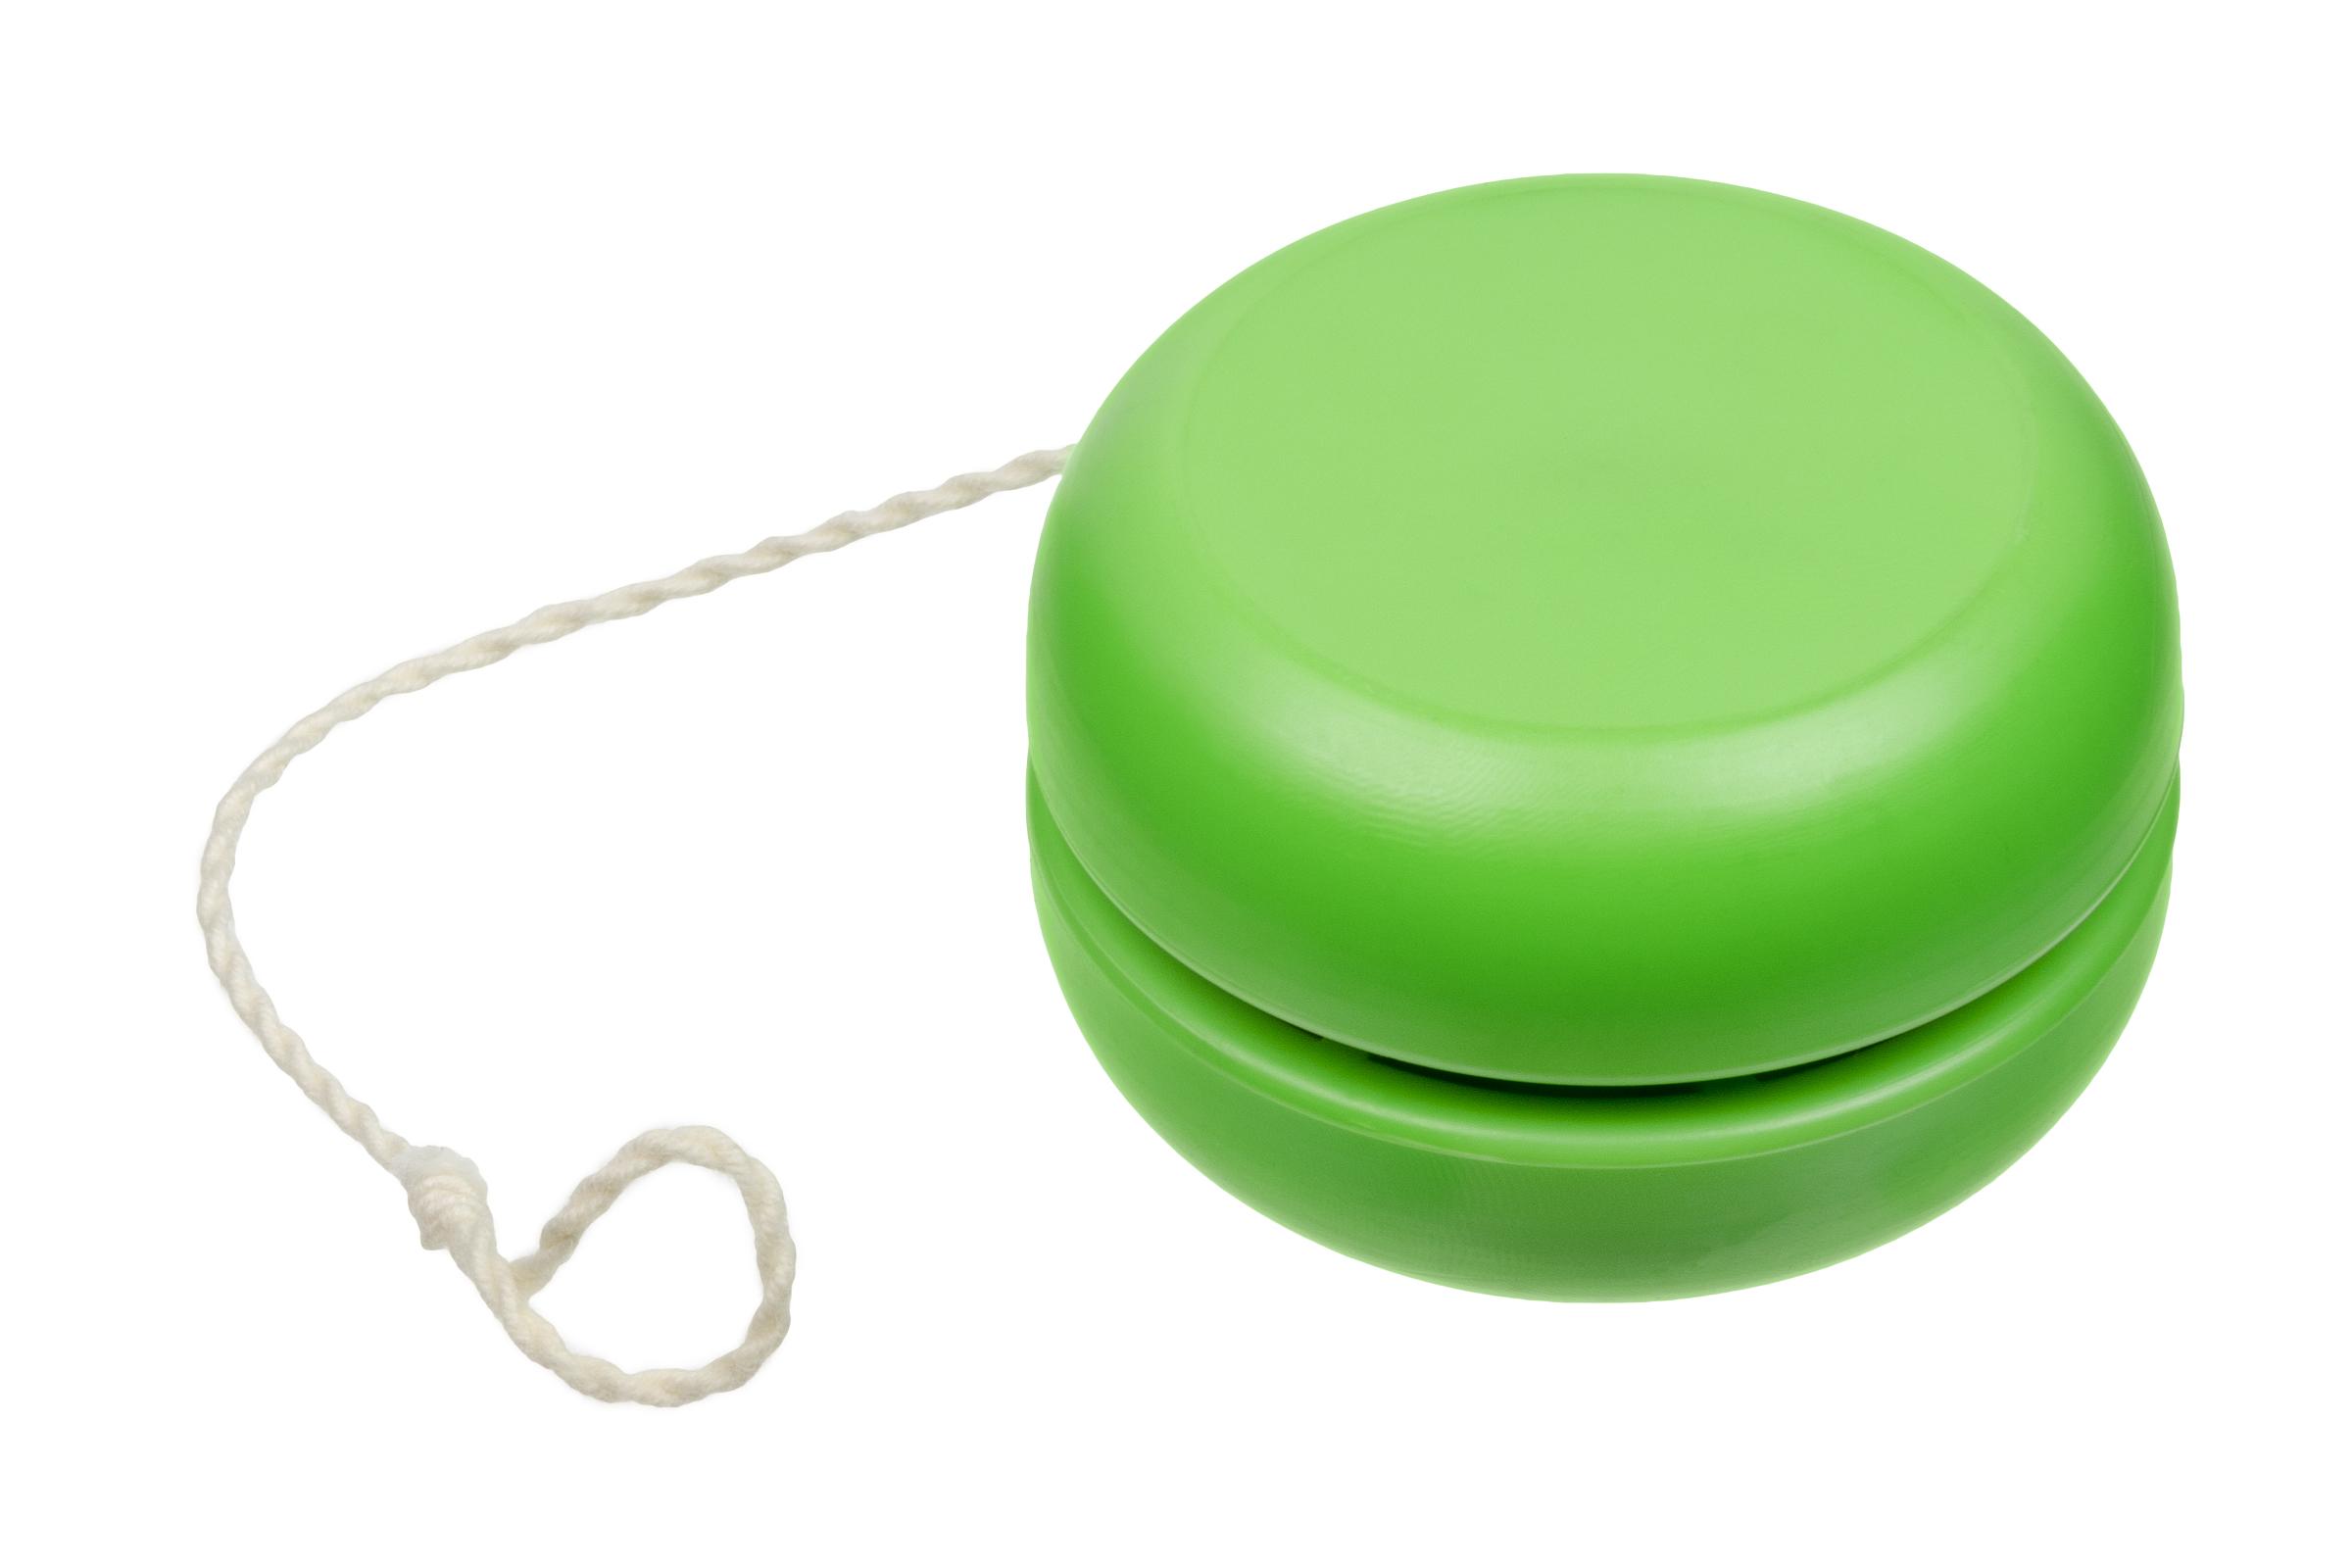 Yo-yo - Wikipedia